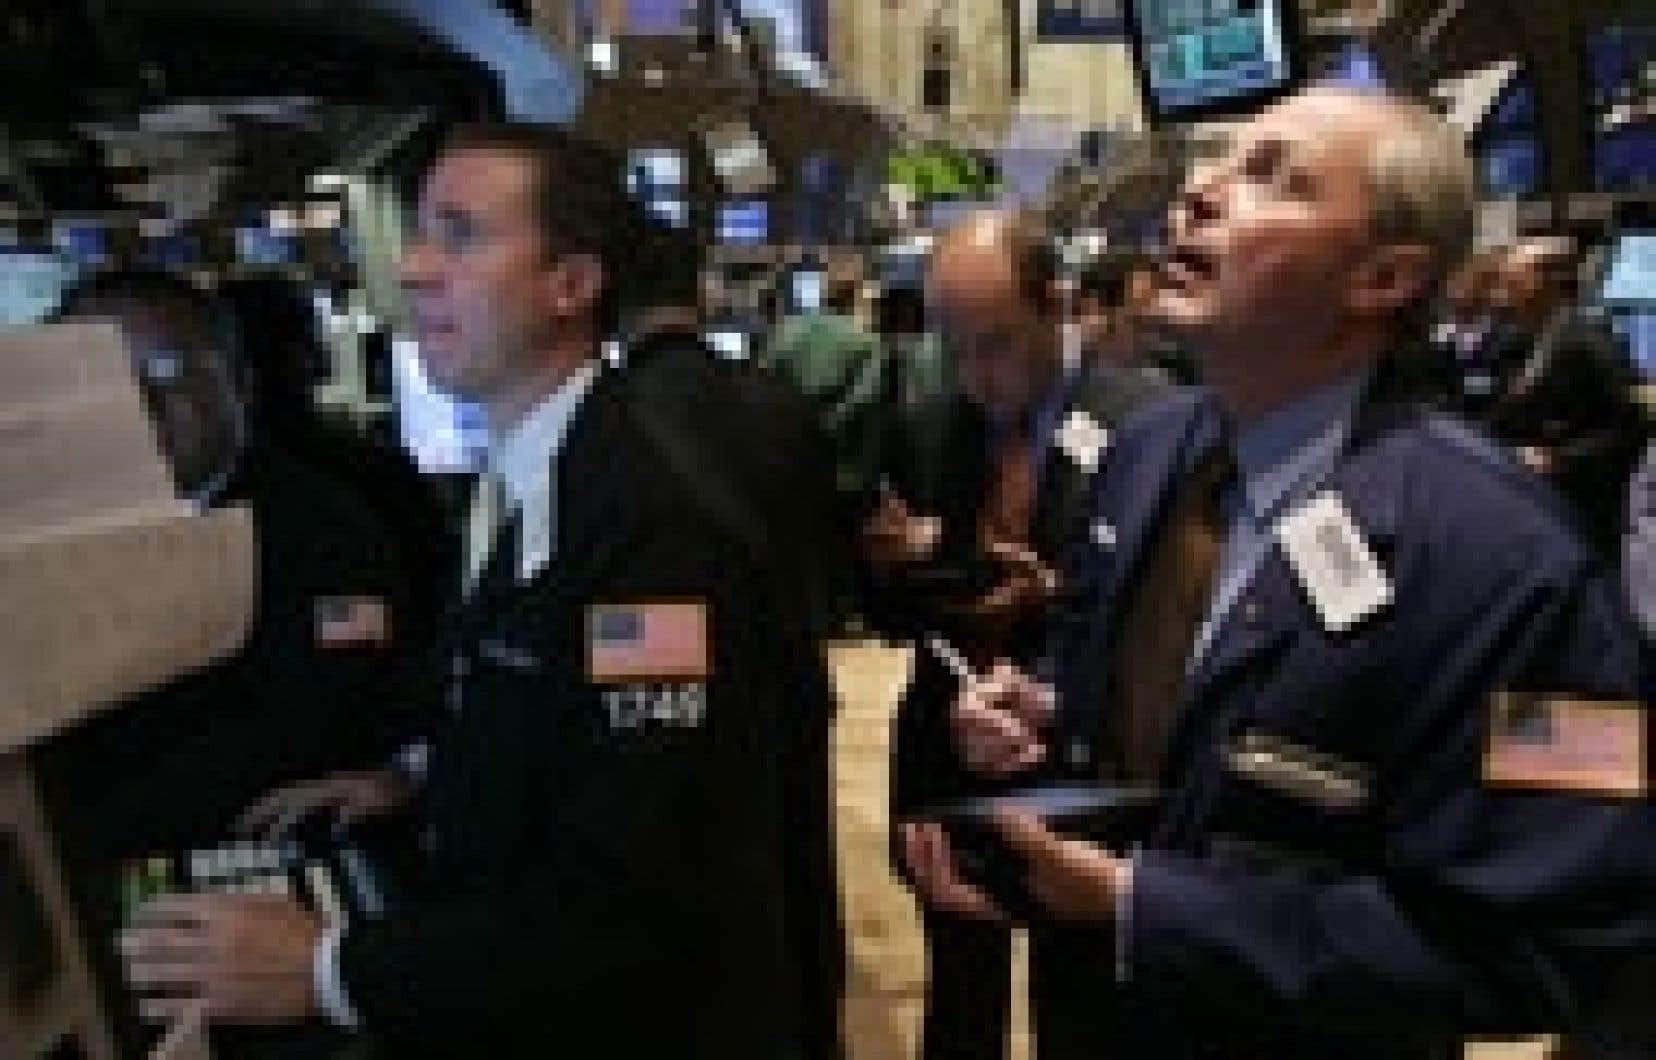 Le Dow Jones a terminé hier à son plus haut de l'année et à moins de 34 points de son record historique de clôture, établi le 14 janvier 2000, à 11 722,98 points.